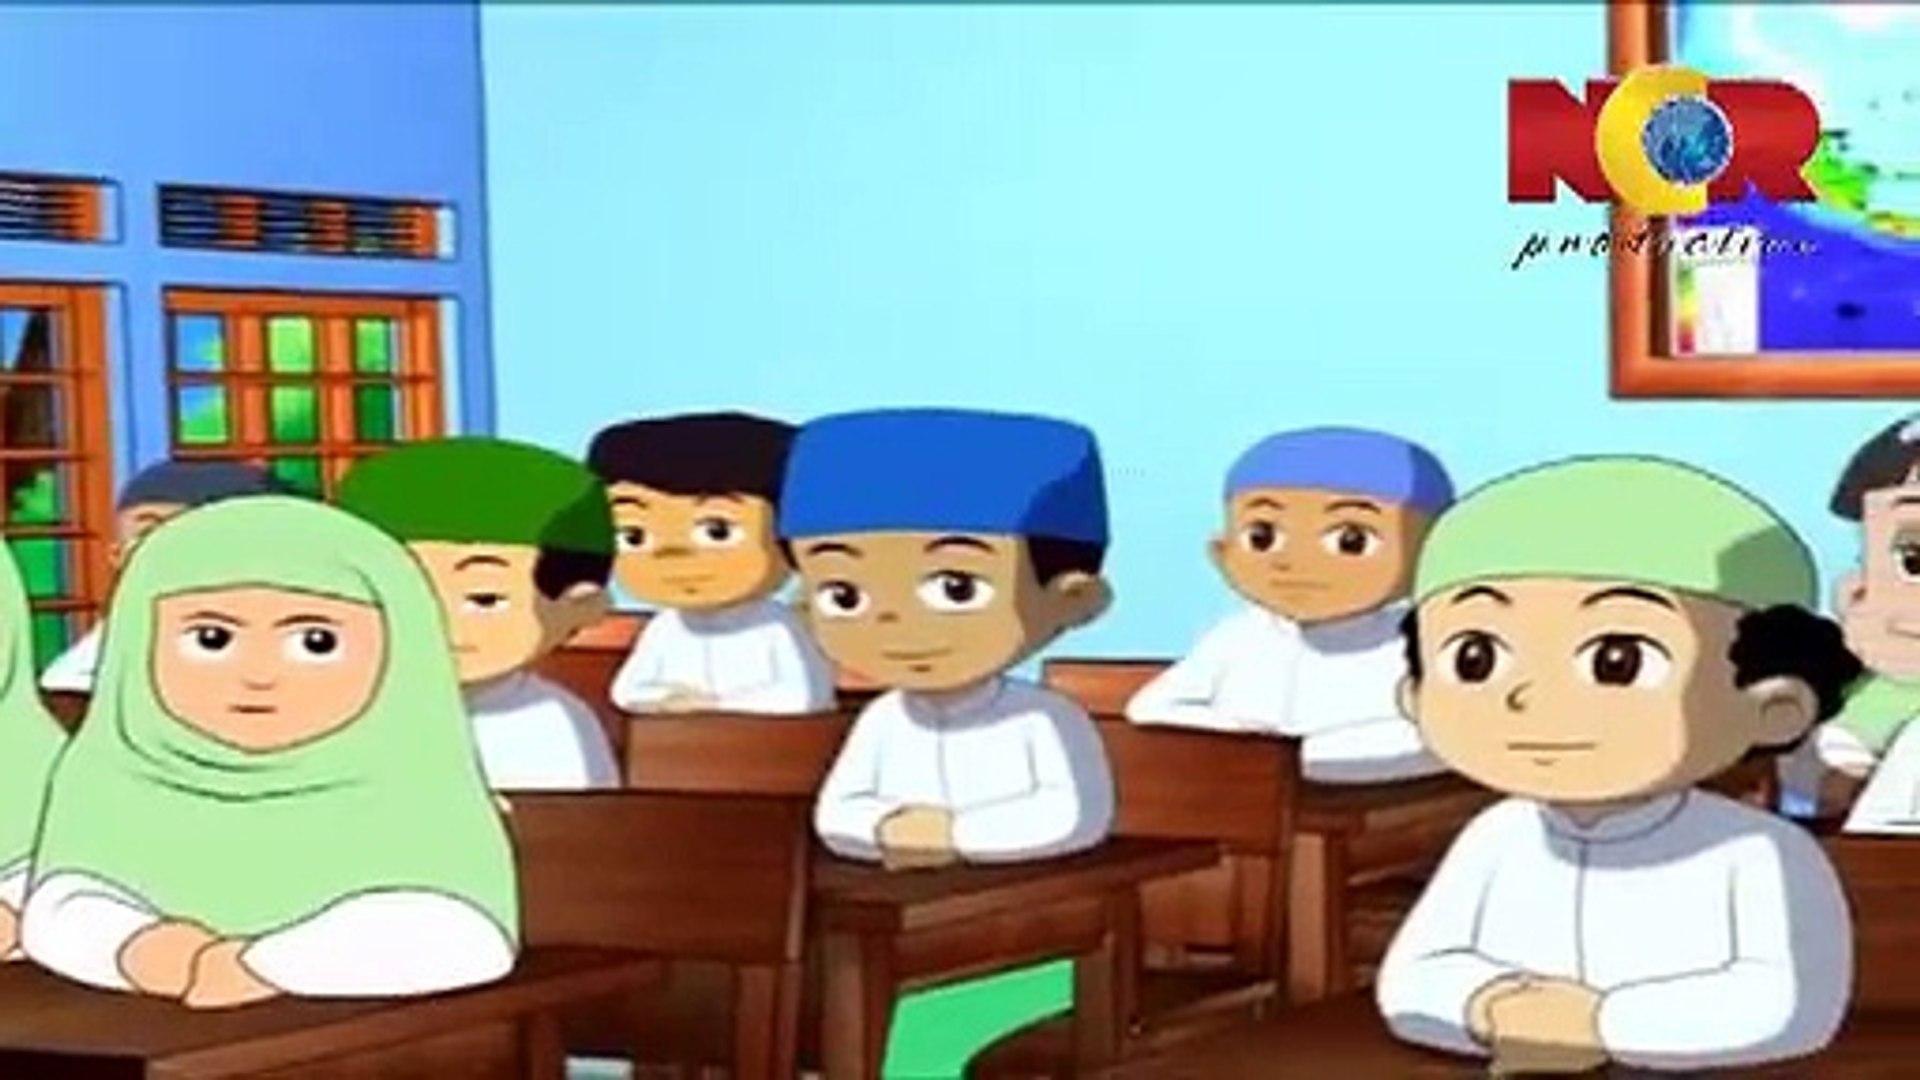 Animasi Kartun Islami Syamil Dodo Berzikir Seperti Nabi Episode 2 Kartun Animasi Anak Muslim Soleh Islam Untuk Anak Soleh